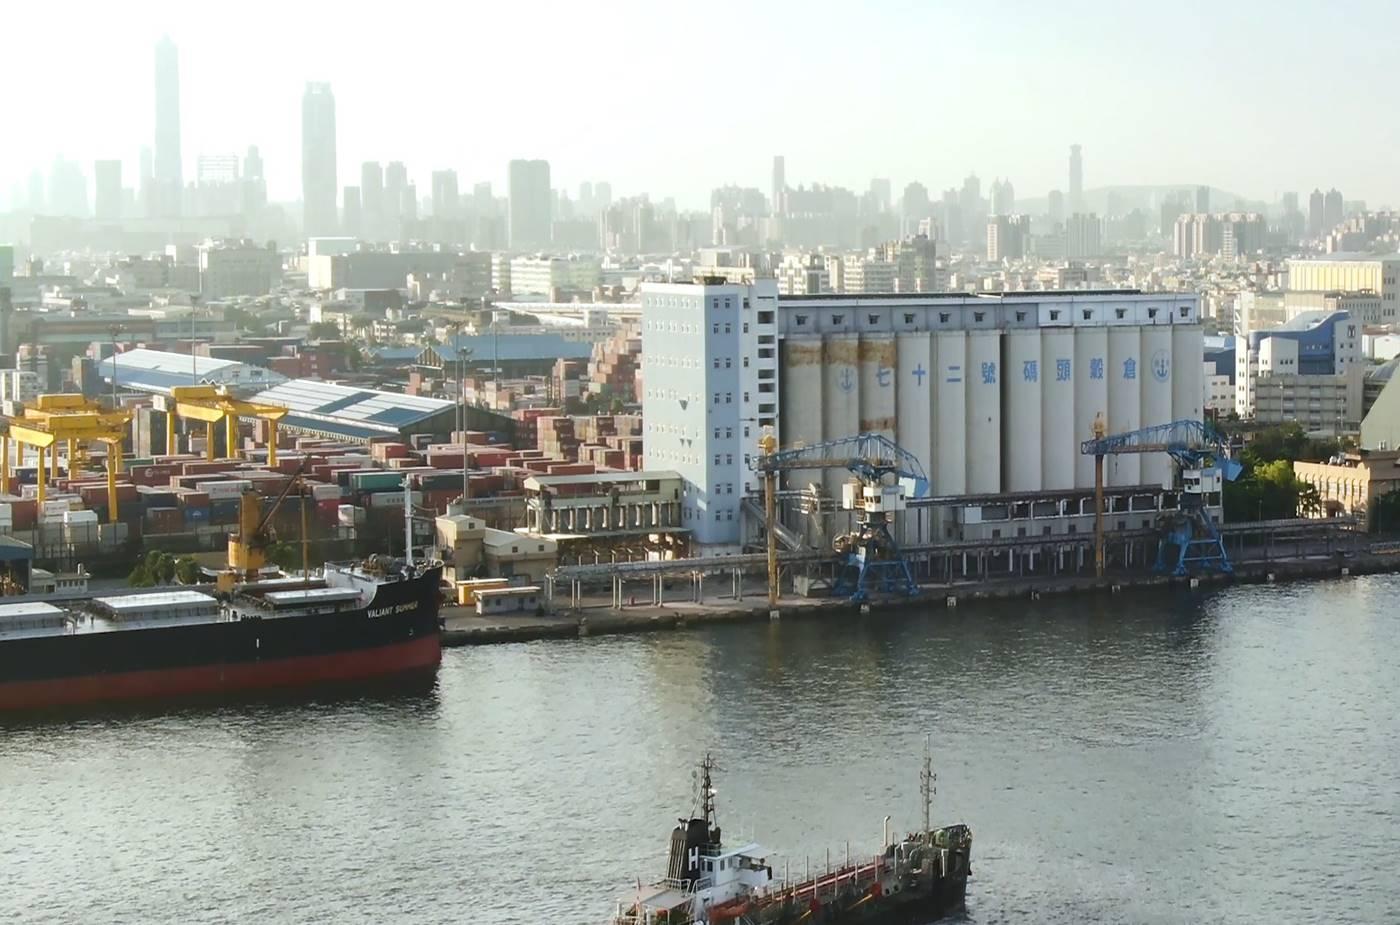 高雄港穀倉計畫:為彌補中島穀倉之不足,在71號至73號碼頭建造14公尺深水碼頭,以利7萬5000噸級穀類船進港。